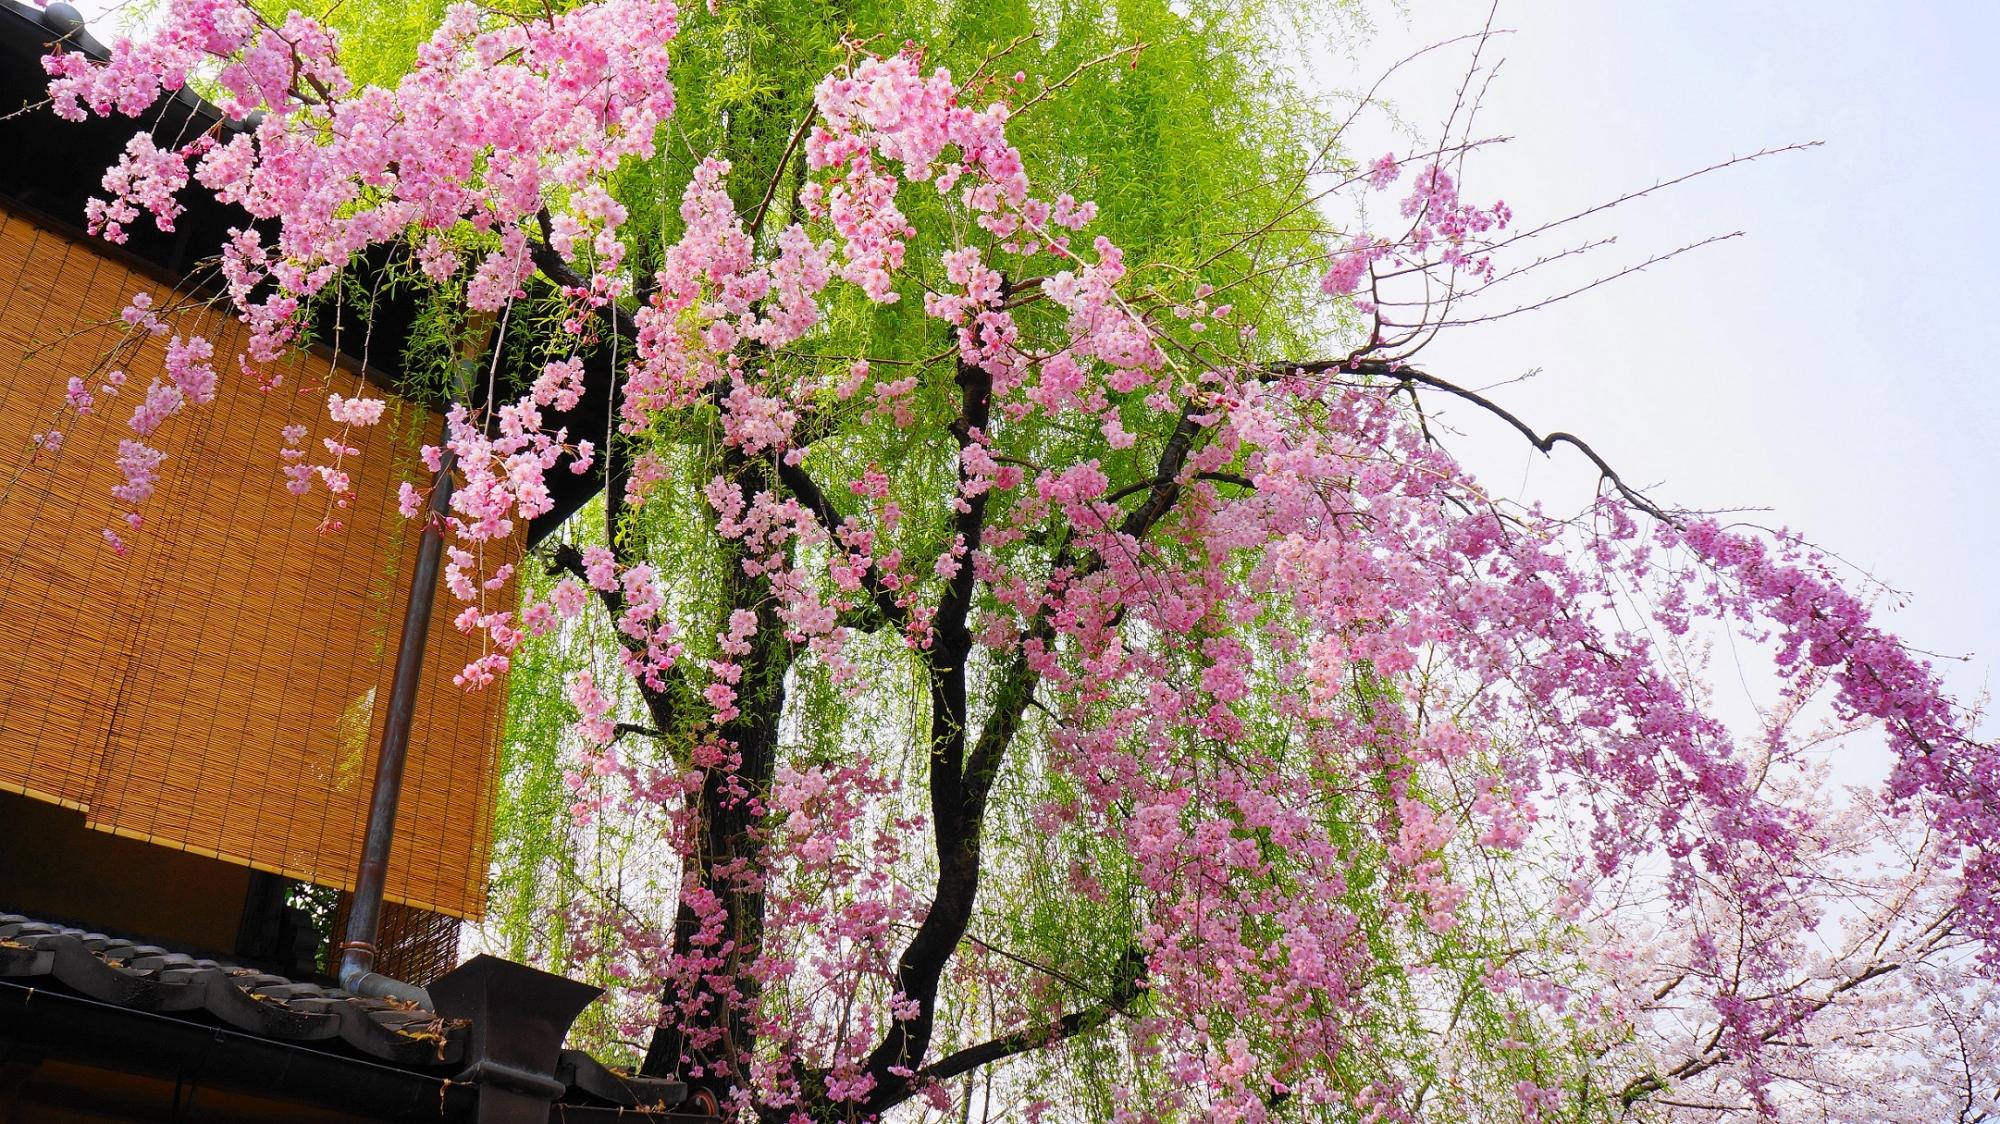 春の京都祇園白川の優美な柳と満開の華やかなしだれ桜